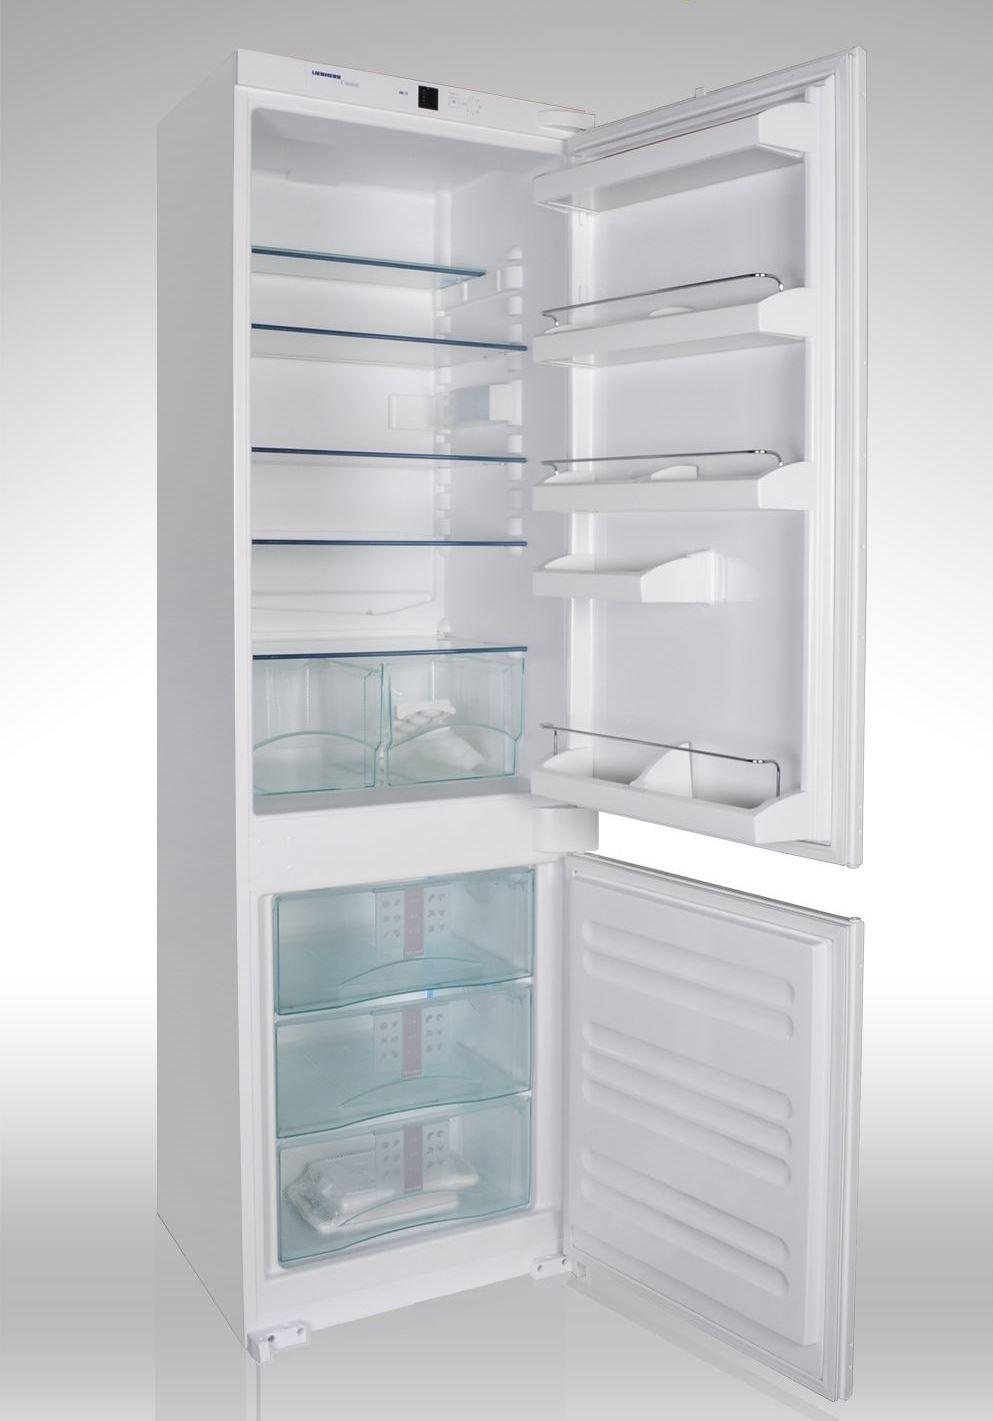 купить Встраиваемый двухкамерный комбинированный холодильник Liebherr ICUS 3013 Украина фото 1